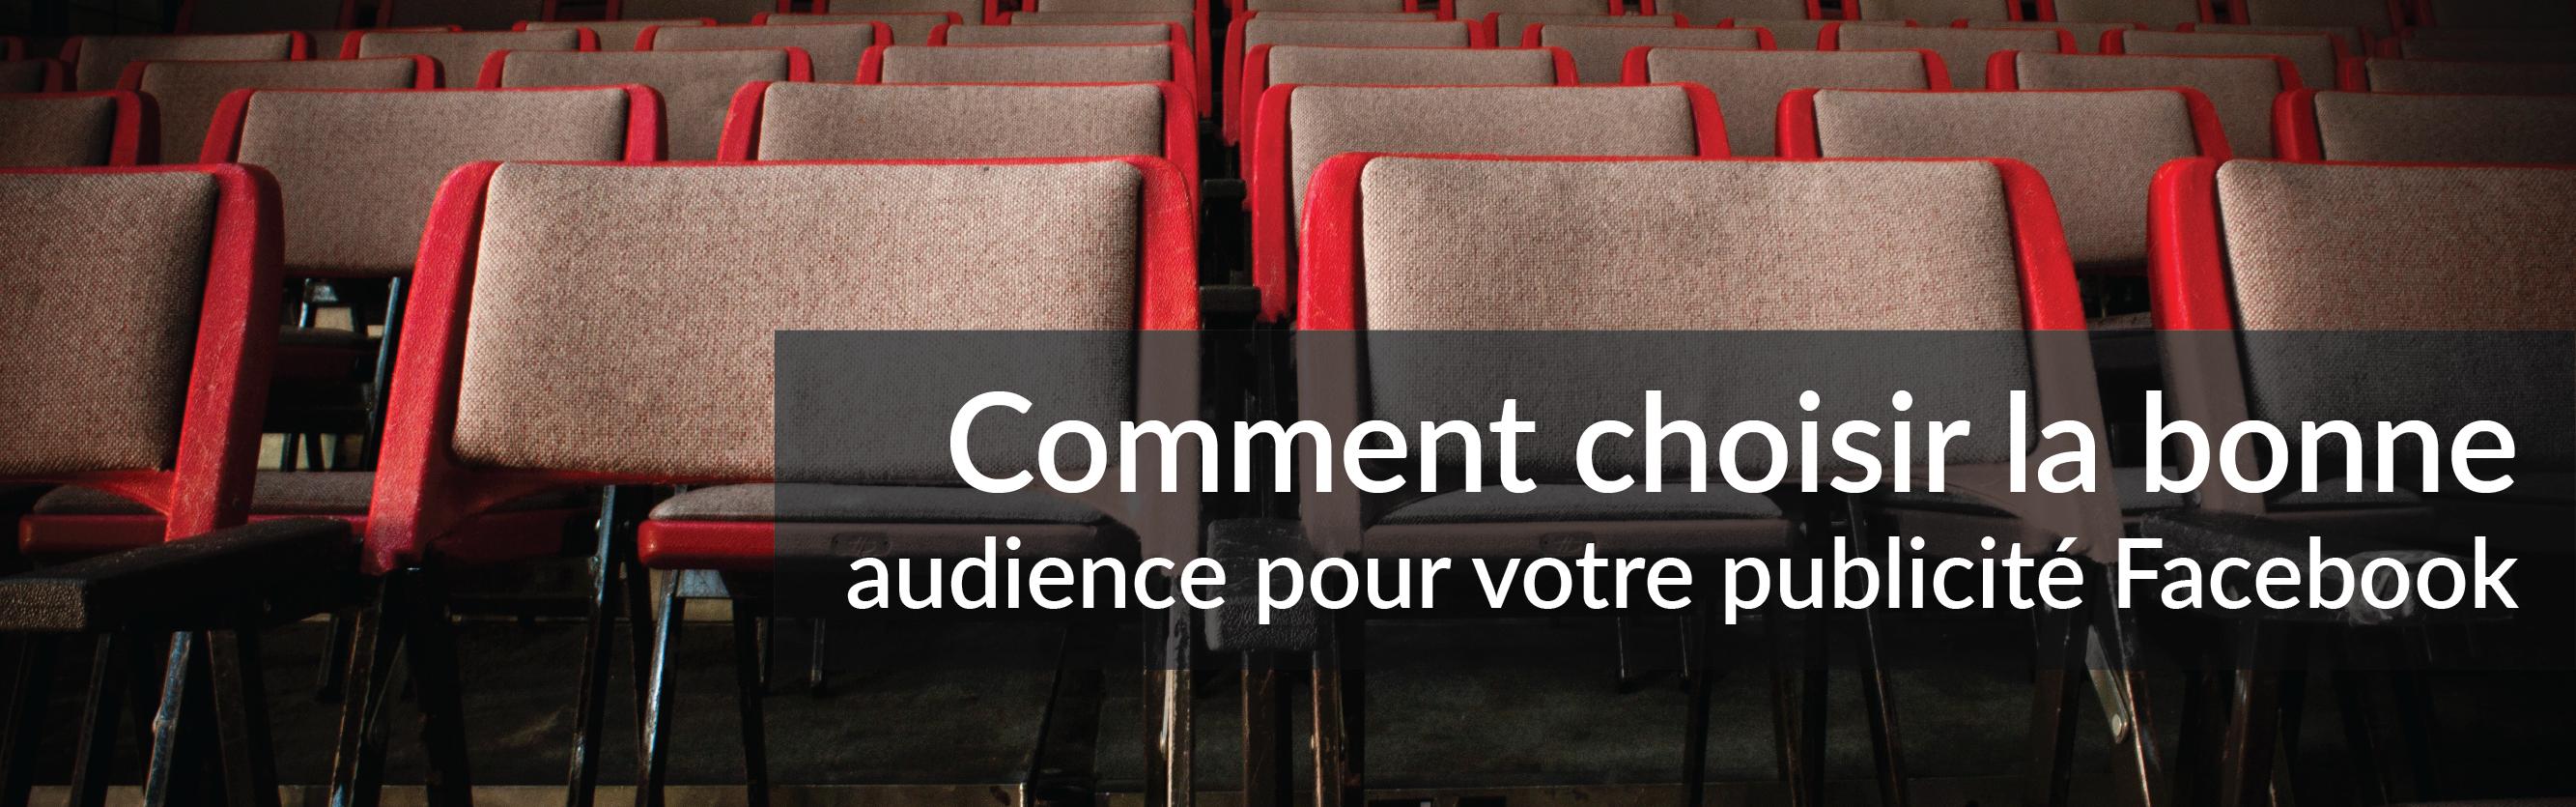 Comment choisir la bonne audience pour votre publicité Facebook   Studio Grafik